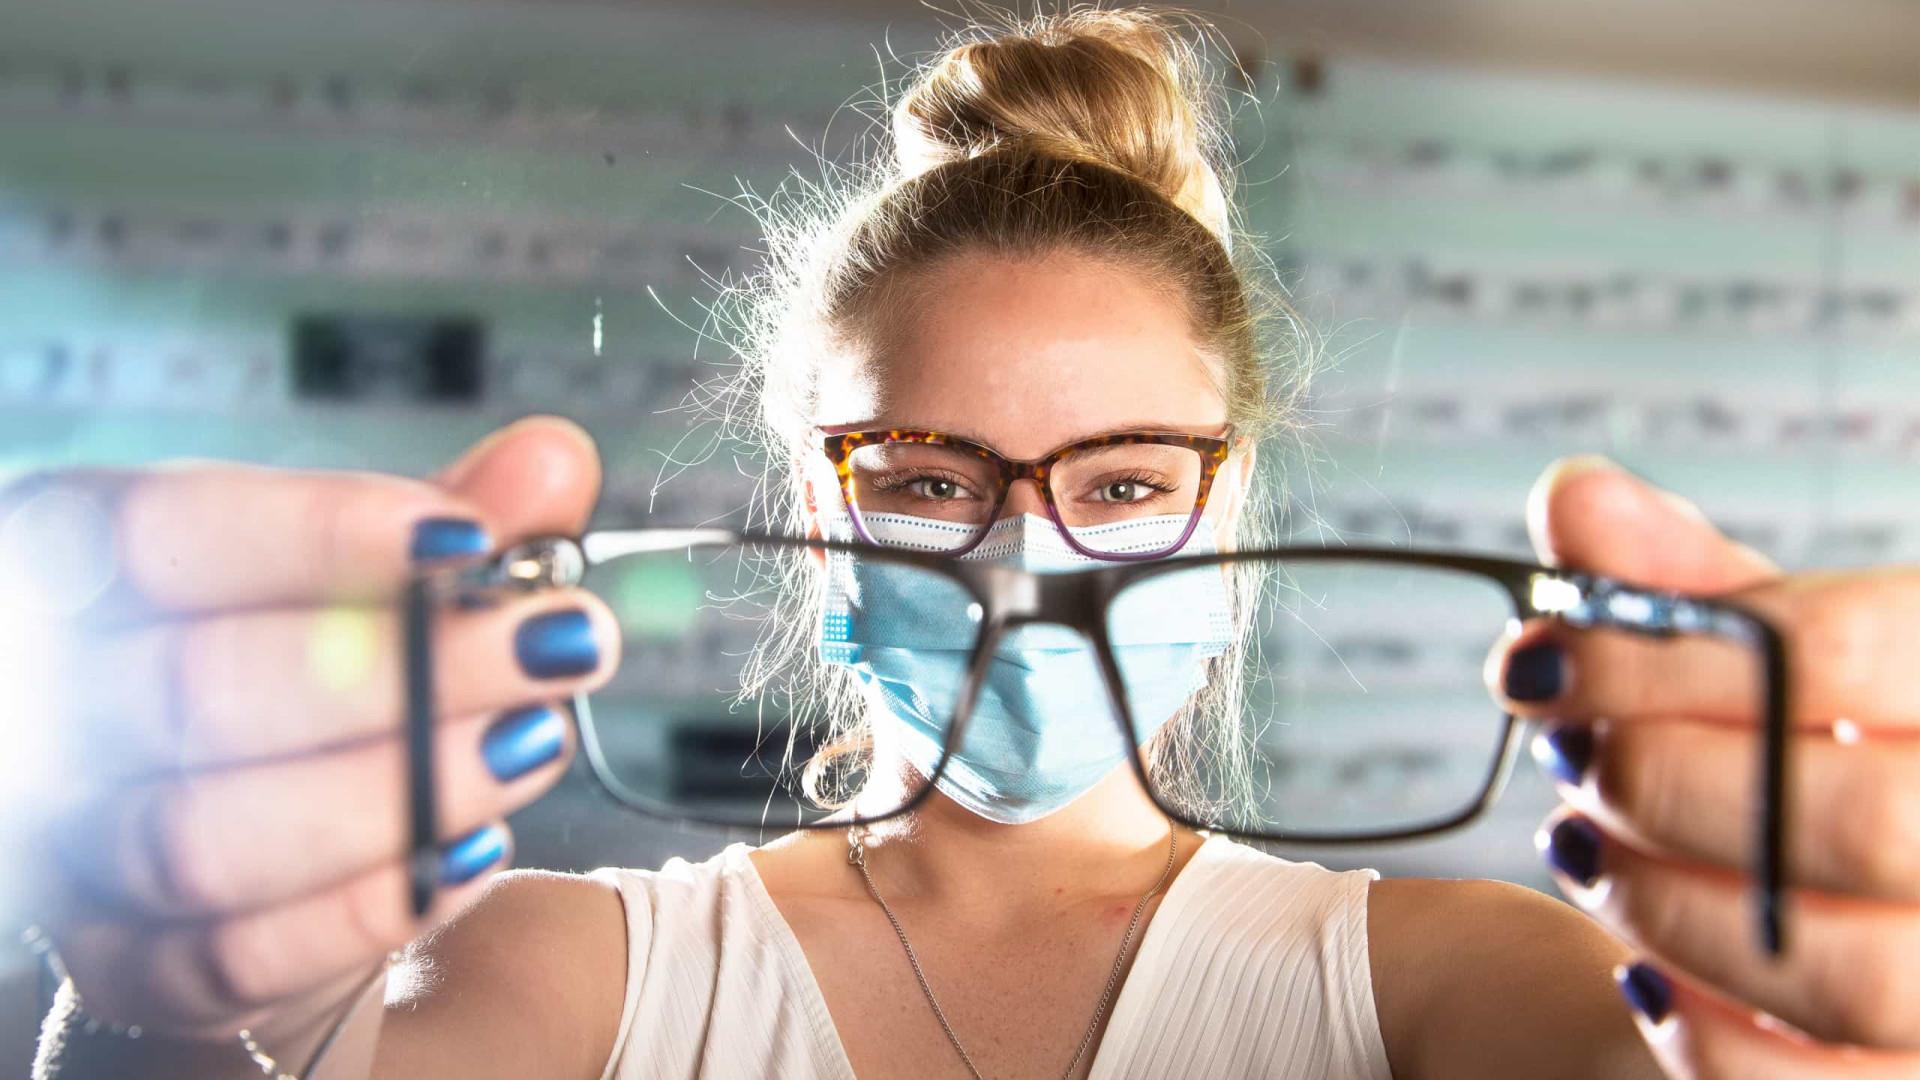 Usar óculos reduz risco de infeção por coronavírus, afirma estudo